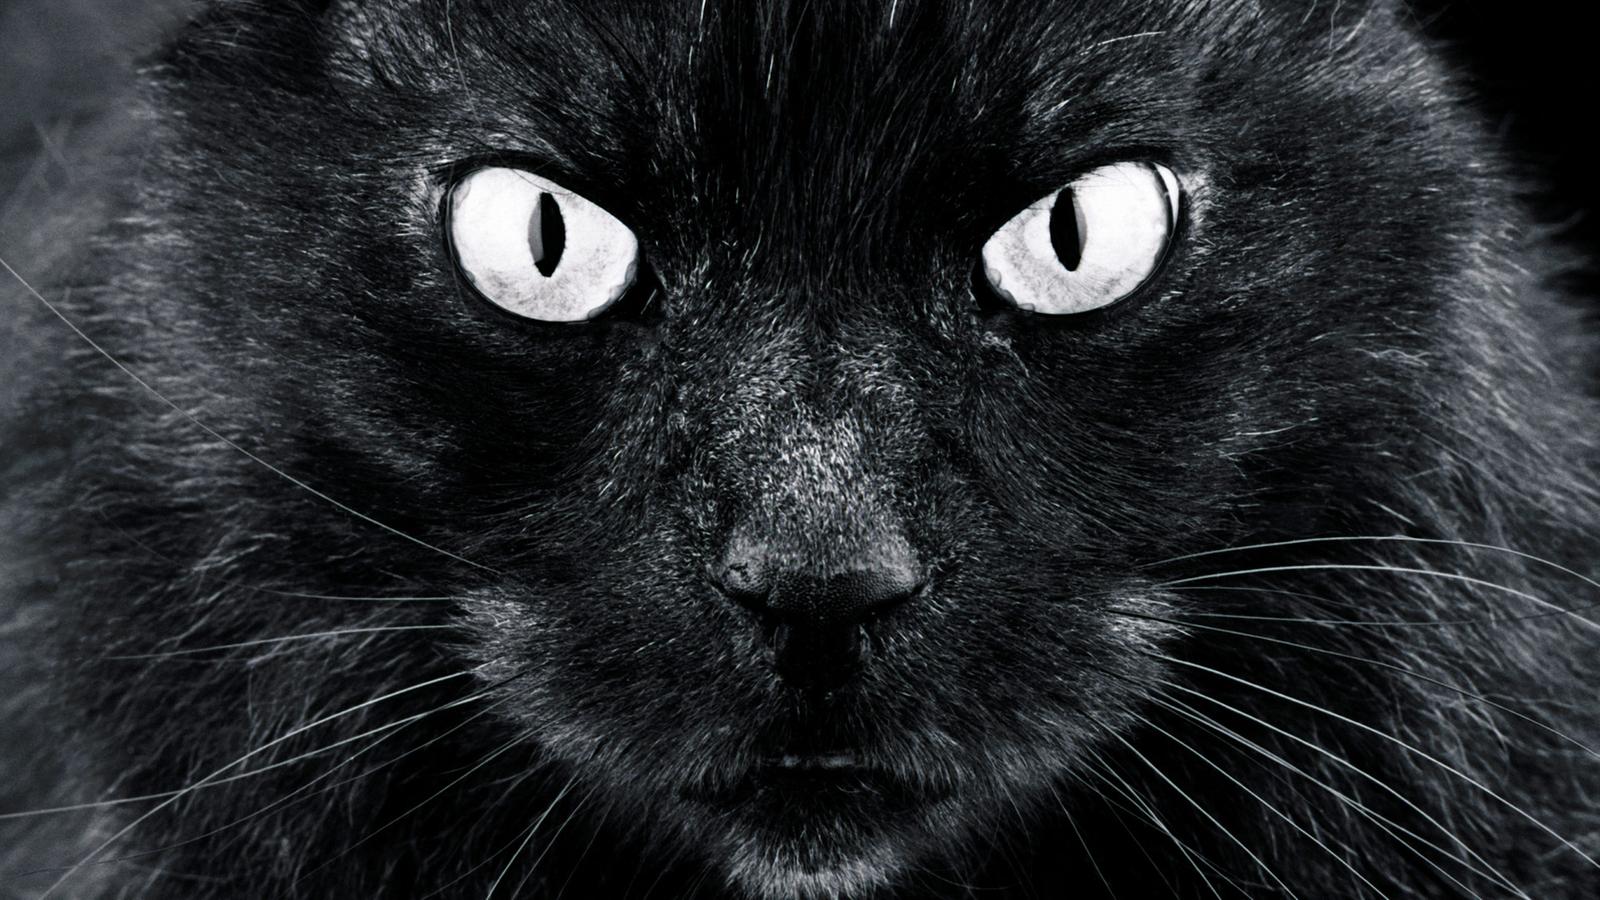 Katzen: Wissensfragen - Katzen - Haustiere - Natur